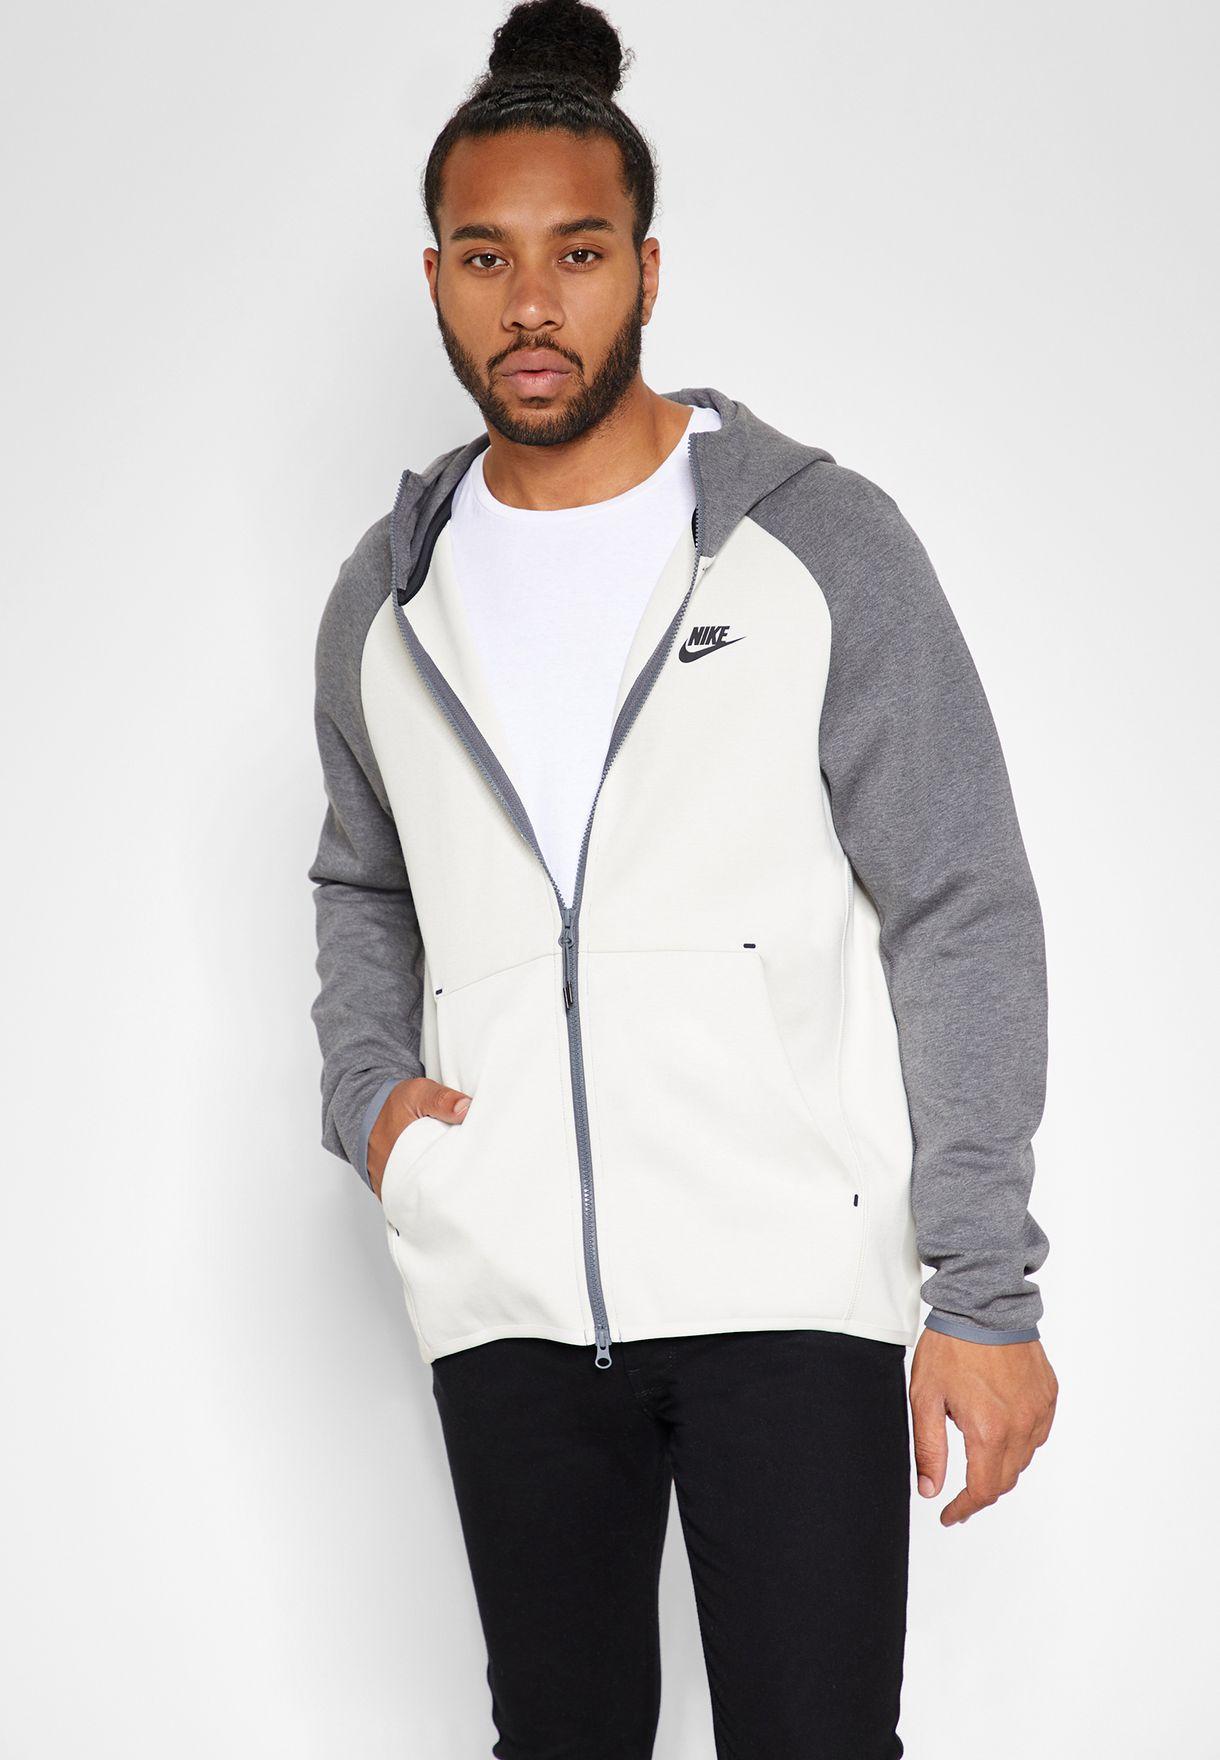 e105dd0fcef7 Shop Nike multicolor Tech Fleece Hoodie 928483-072 for Men in UAE ...